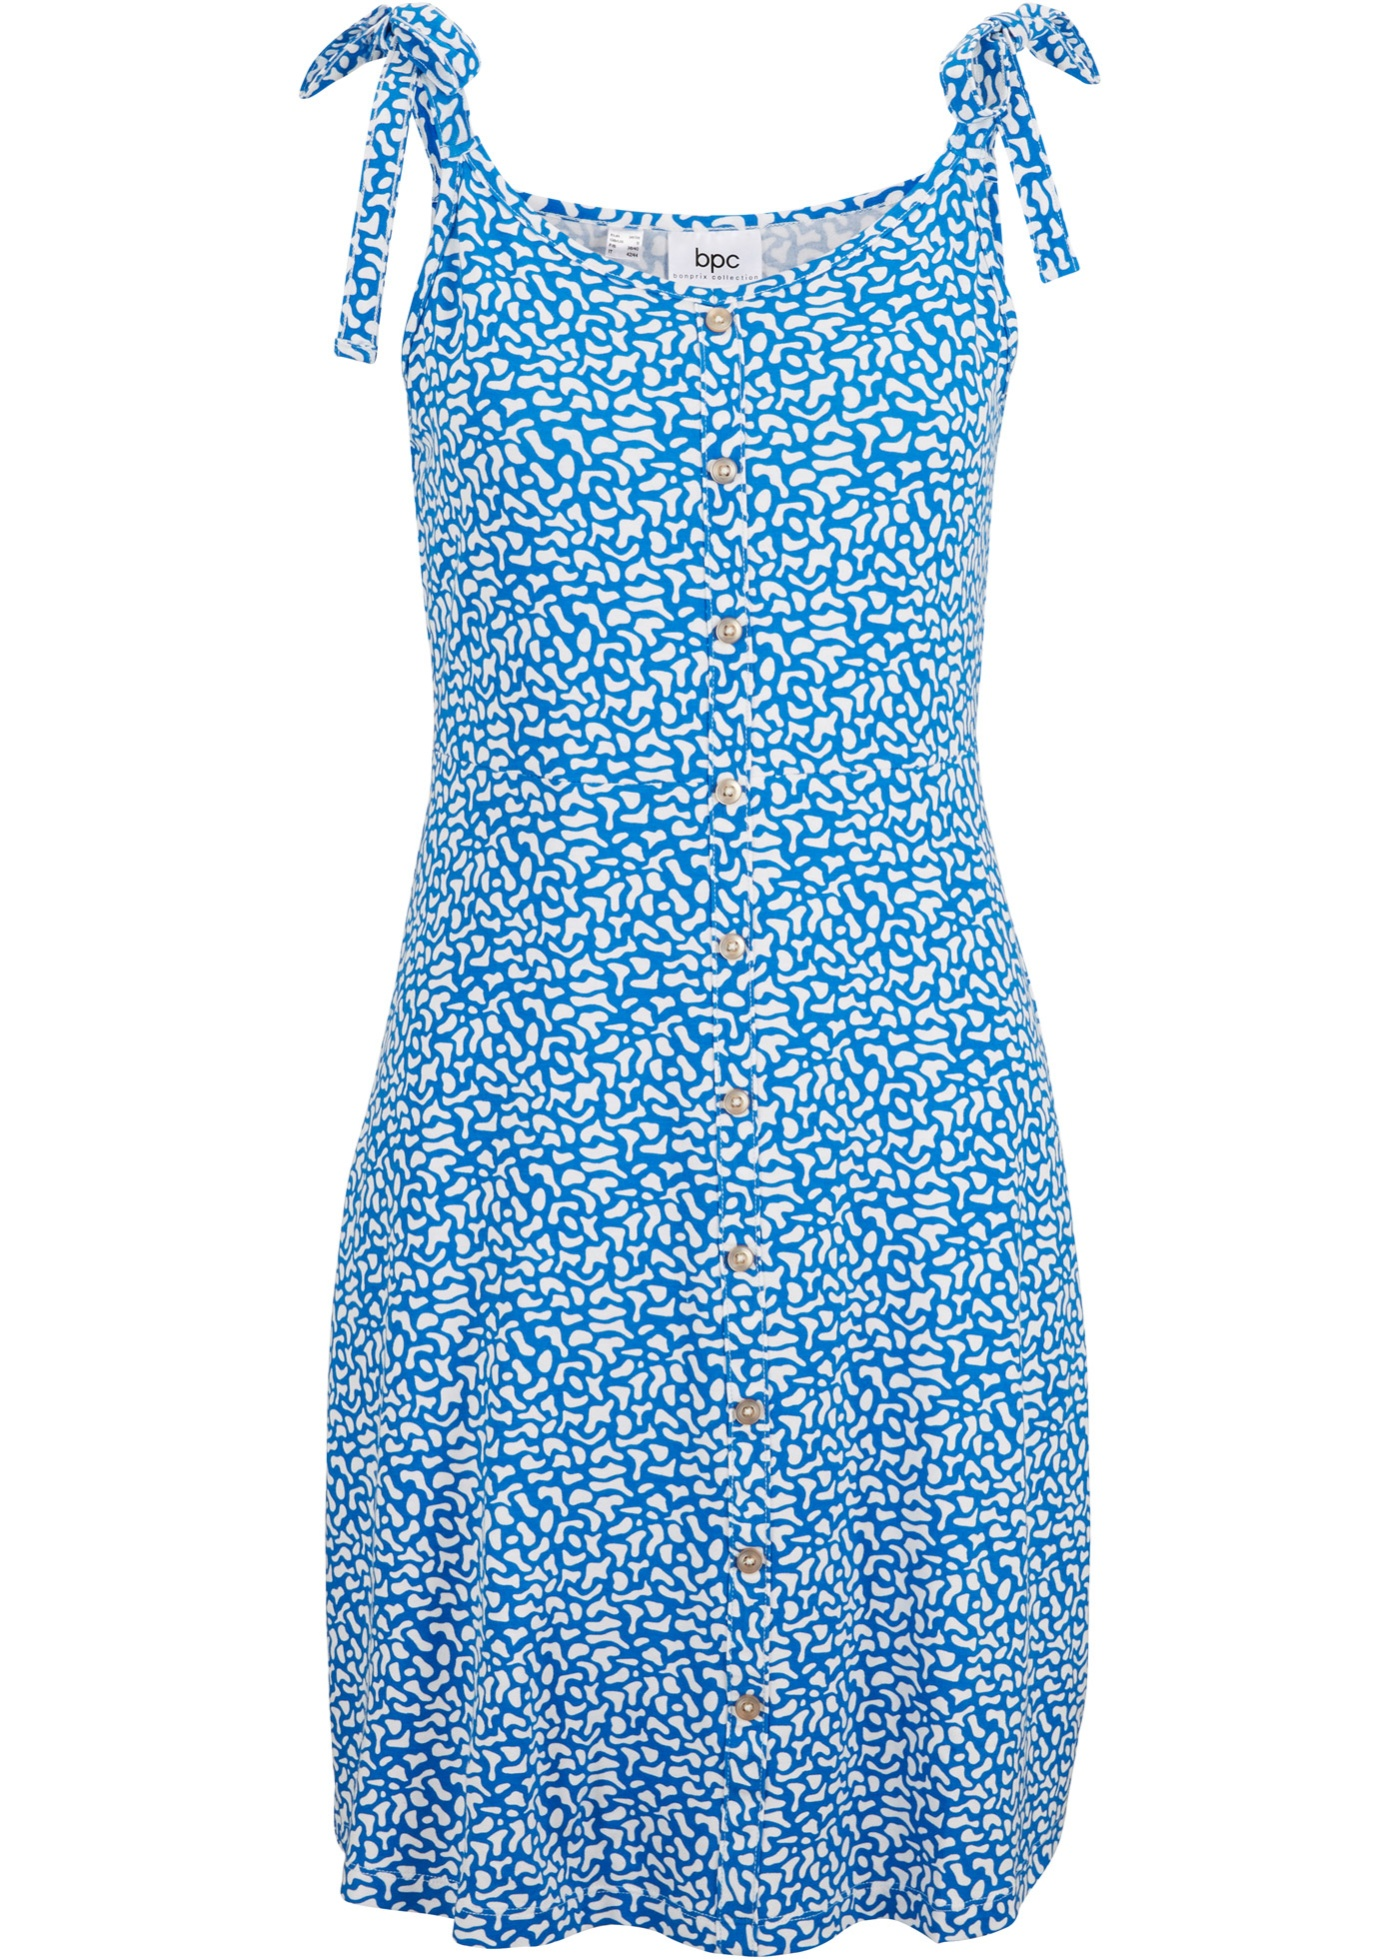 Levné Úpletové šaty s knoflíkovou légou | Modrá barva šatů